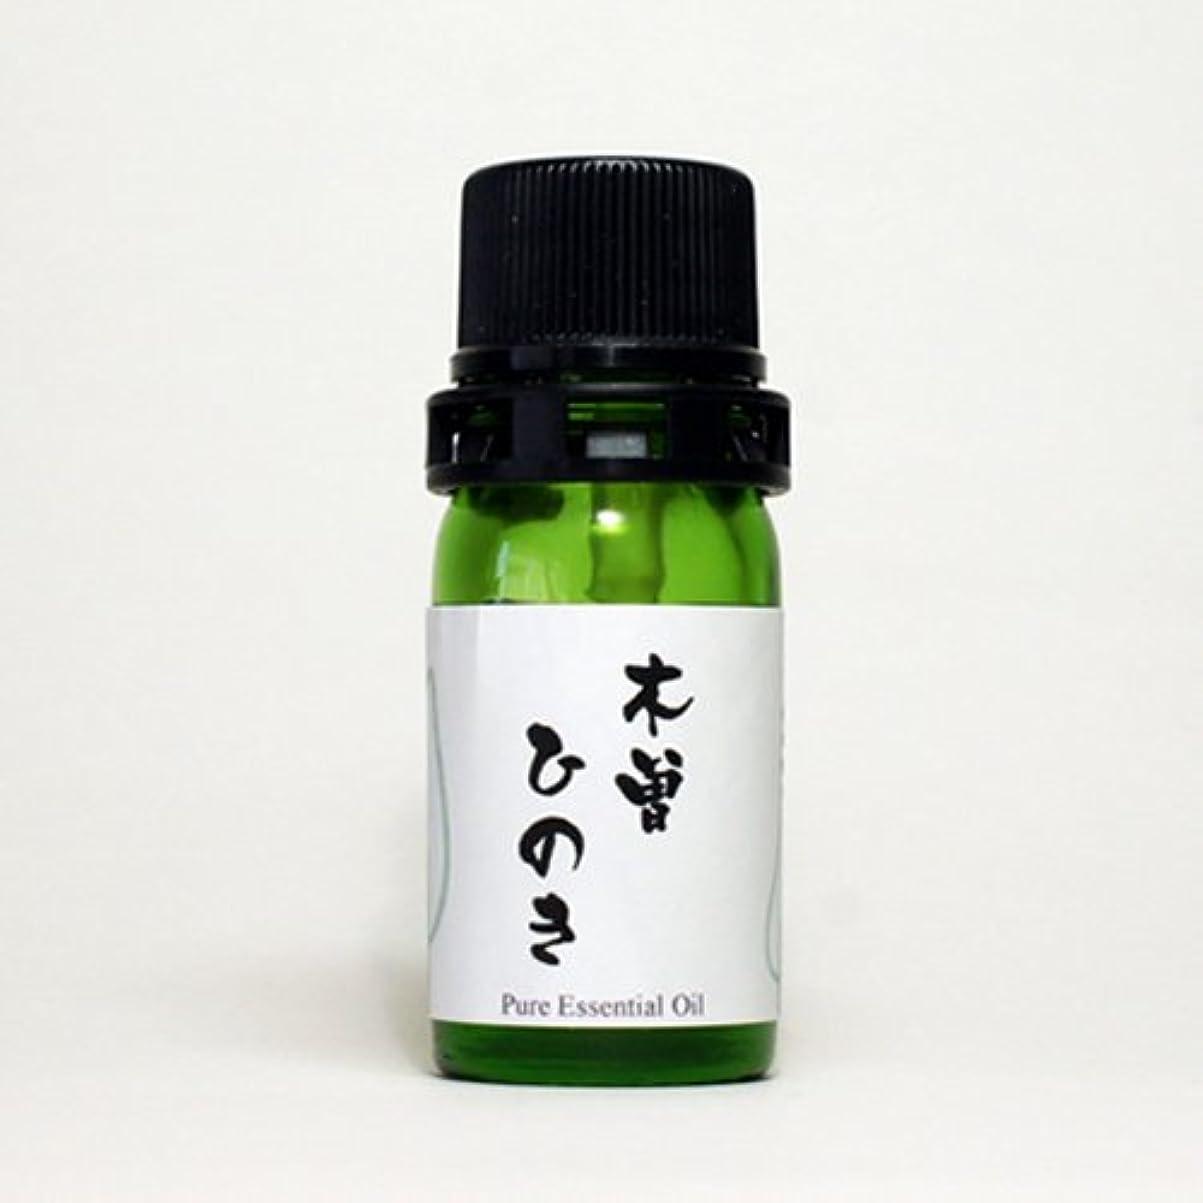 防腐剤状態に関して和精油 木曽ひのき(長野県産) エッセンシャルオイル 5ml